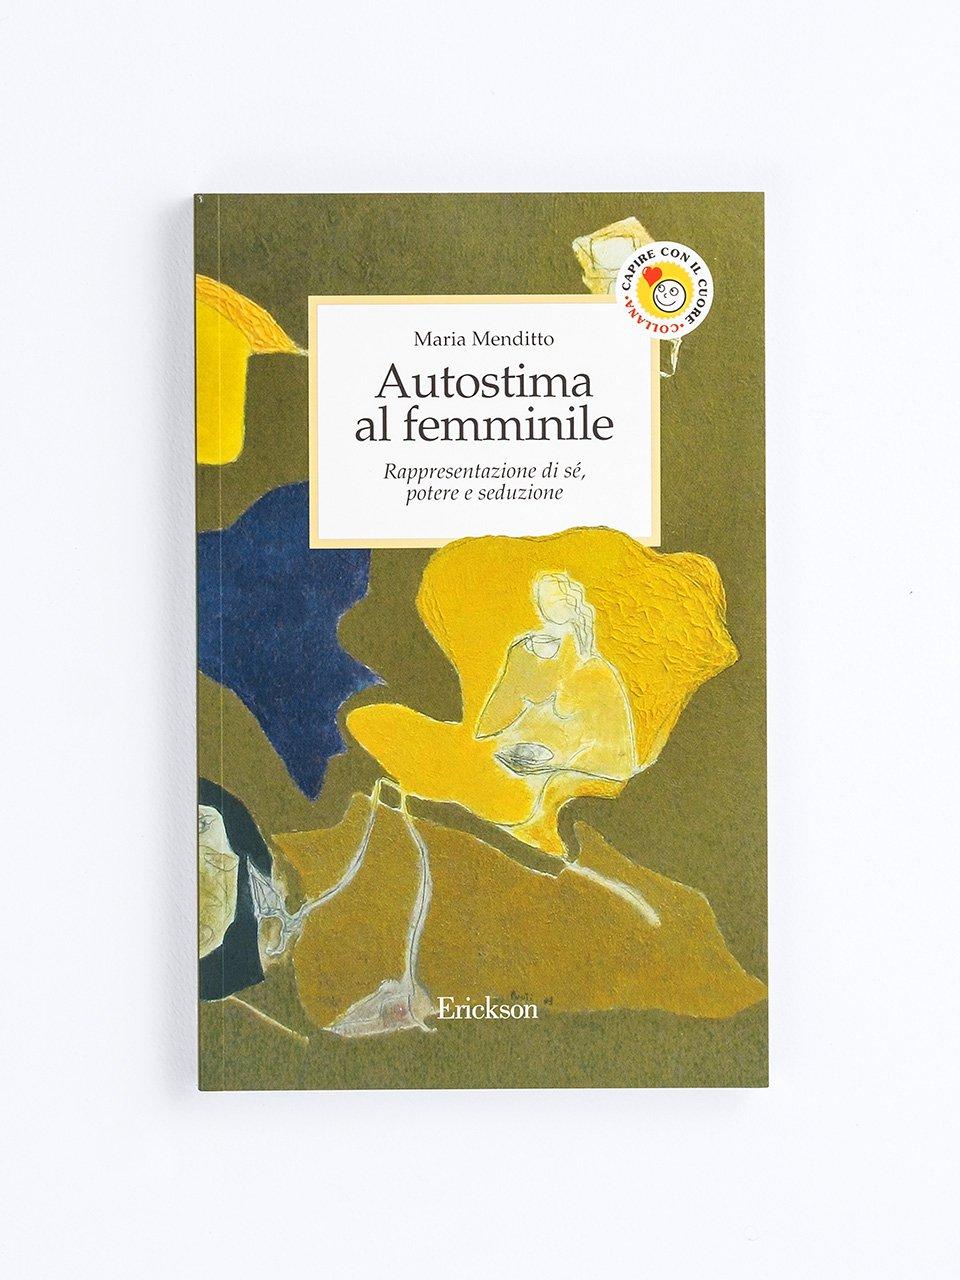 Autostima al femminile - Sincronizzare la personalità - Libri - Erickson